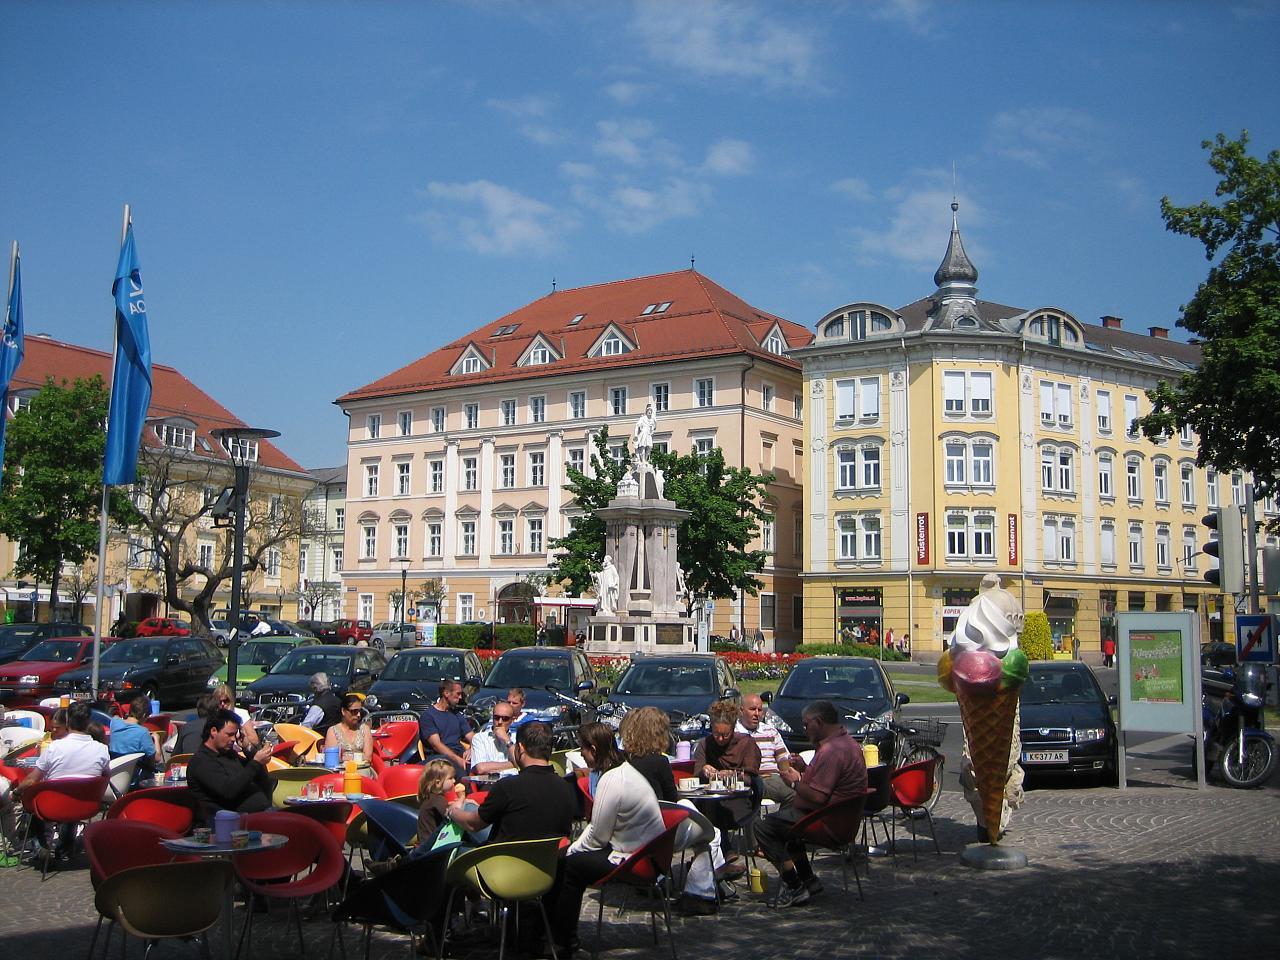 спят, клагенфурт австрия достопримечательности фото был, как